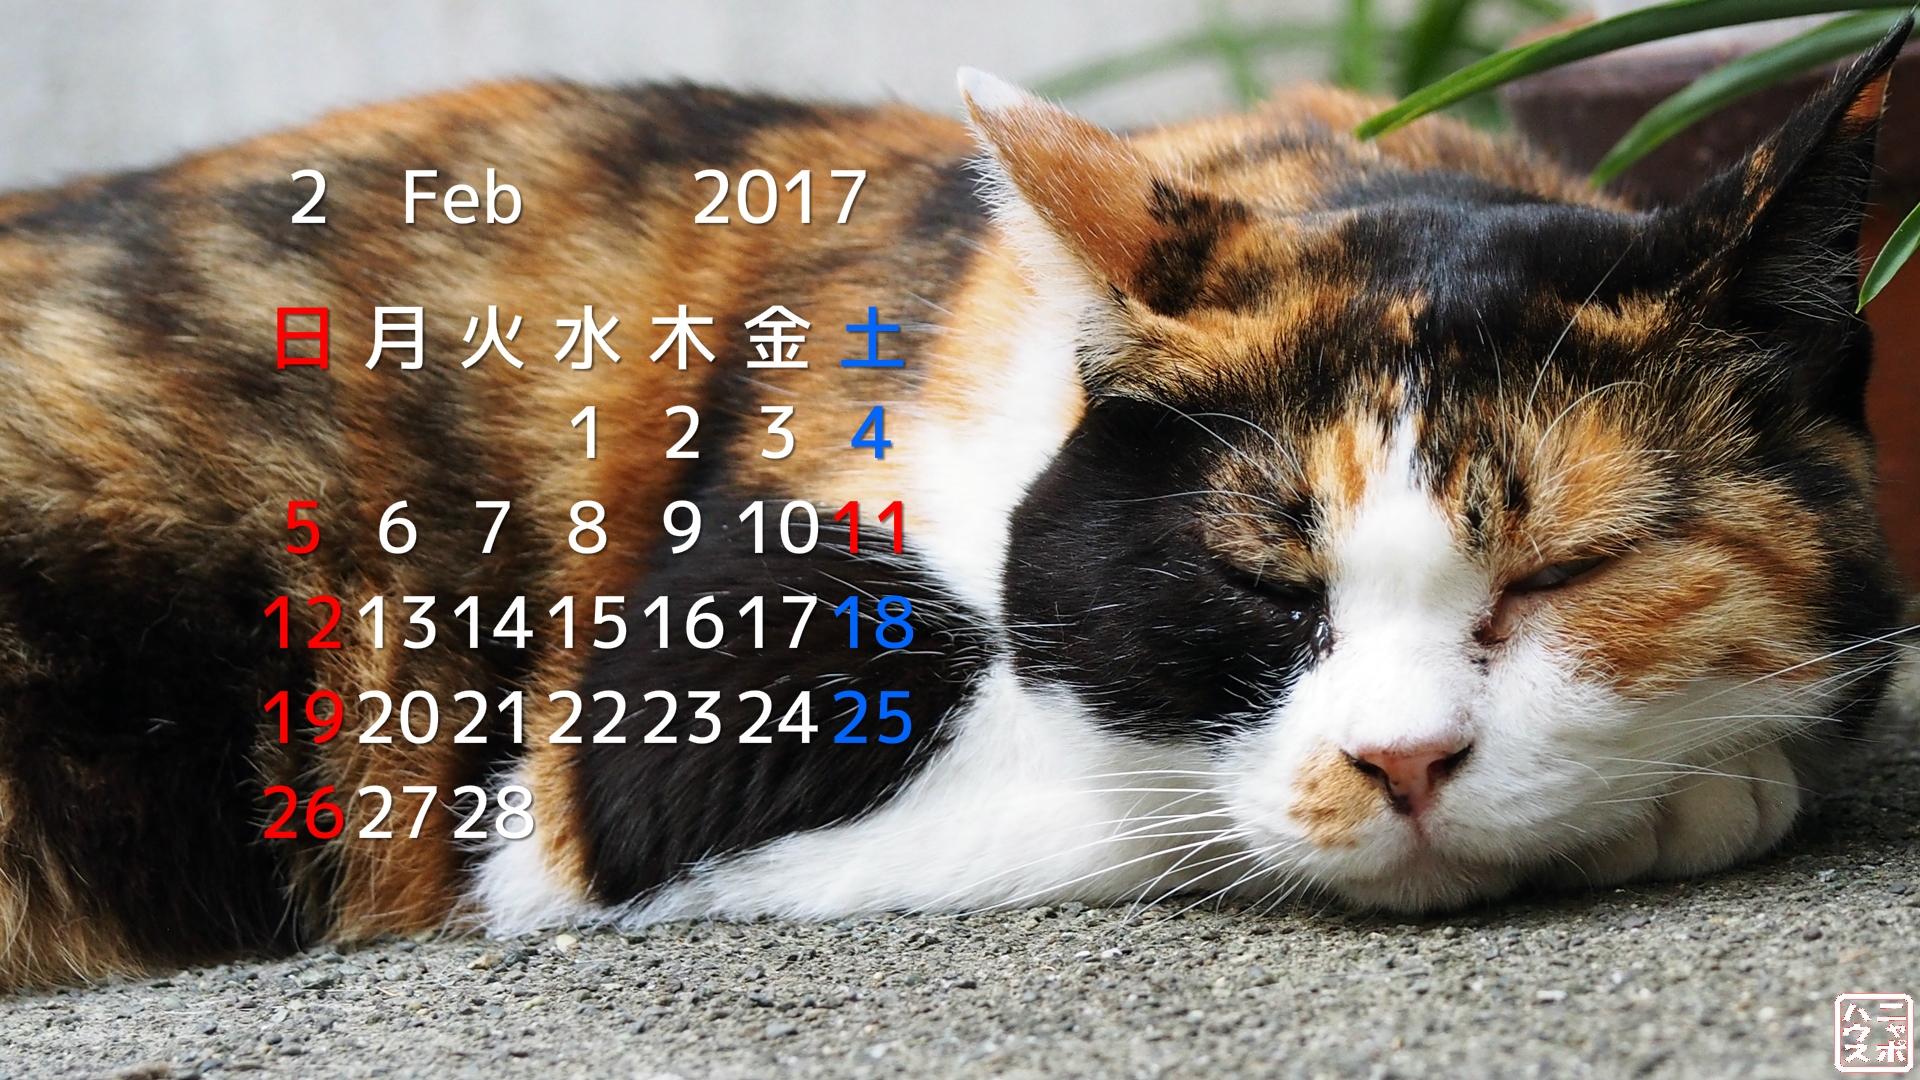 2017年2月 猫デスクトップカレンダー